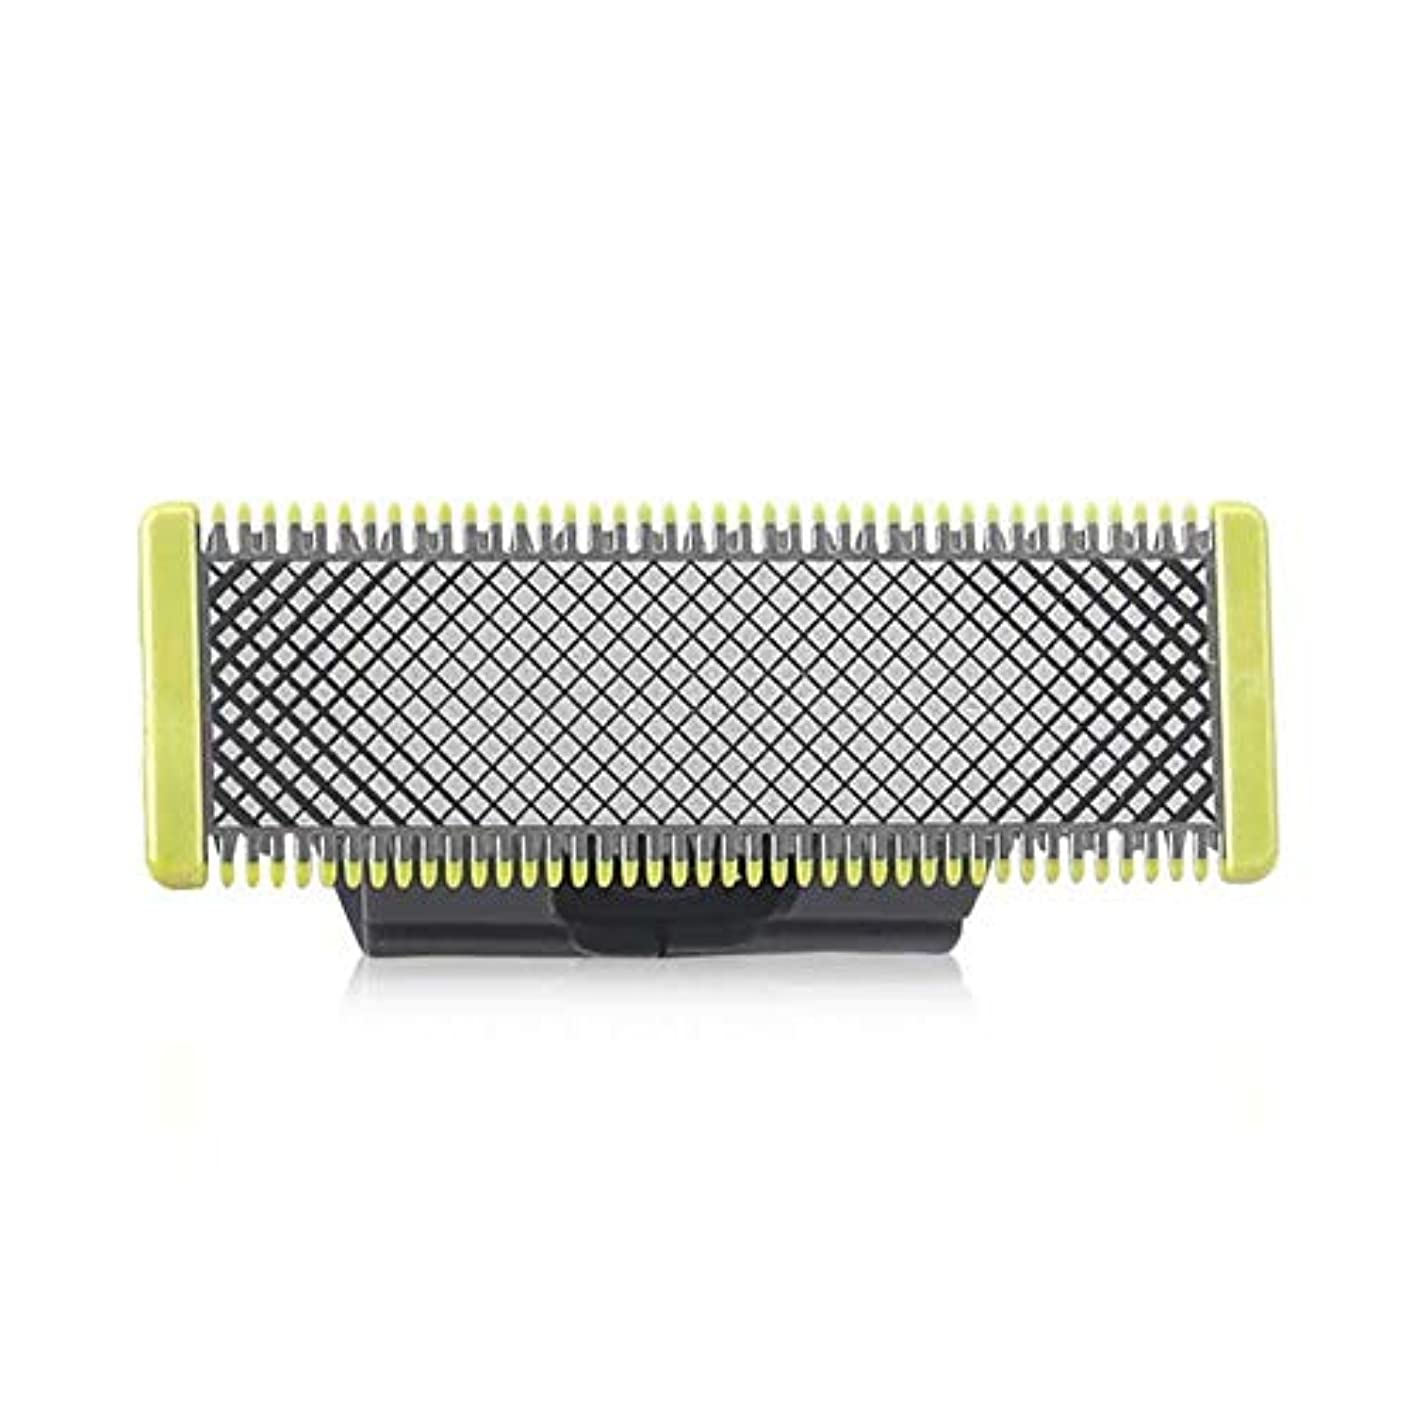 つかむ成長する脈拍シェーバー 替刃 1つの刃QP2520のための取り替えの刃の実用的な剃る安全なかみそりの頭部